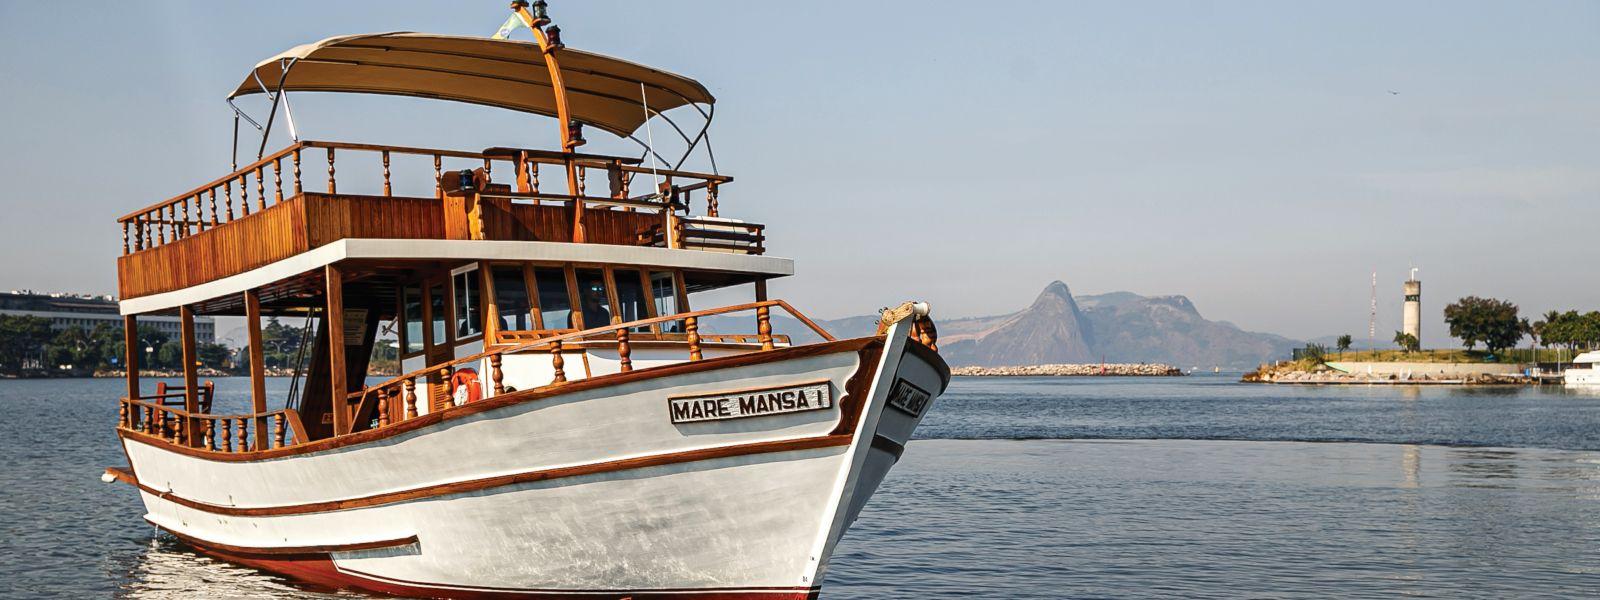 Barco Maré Mansa enseada de botafogo